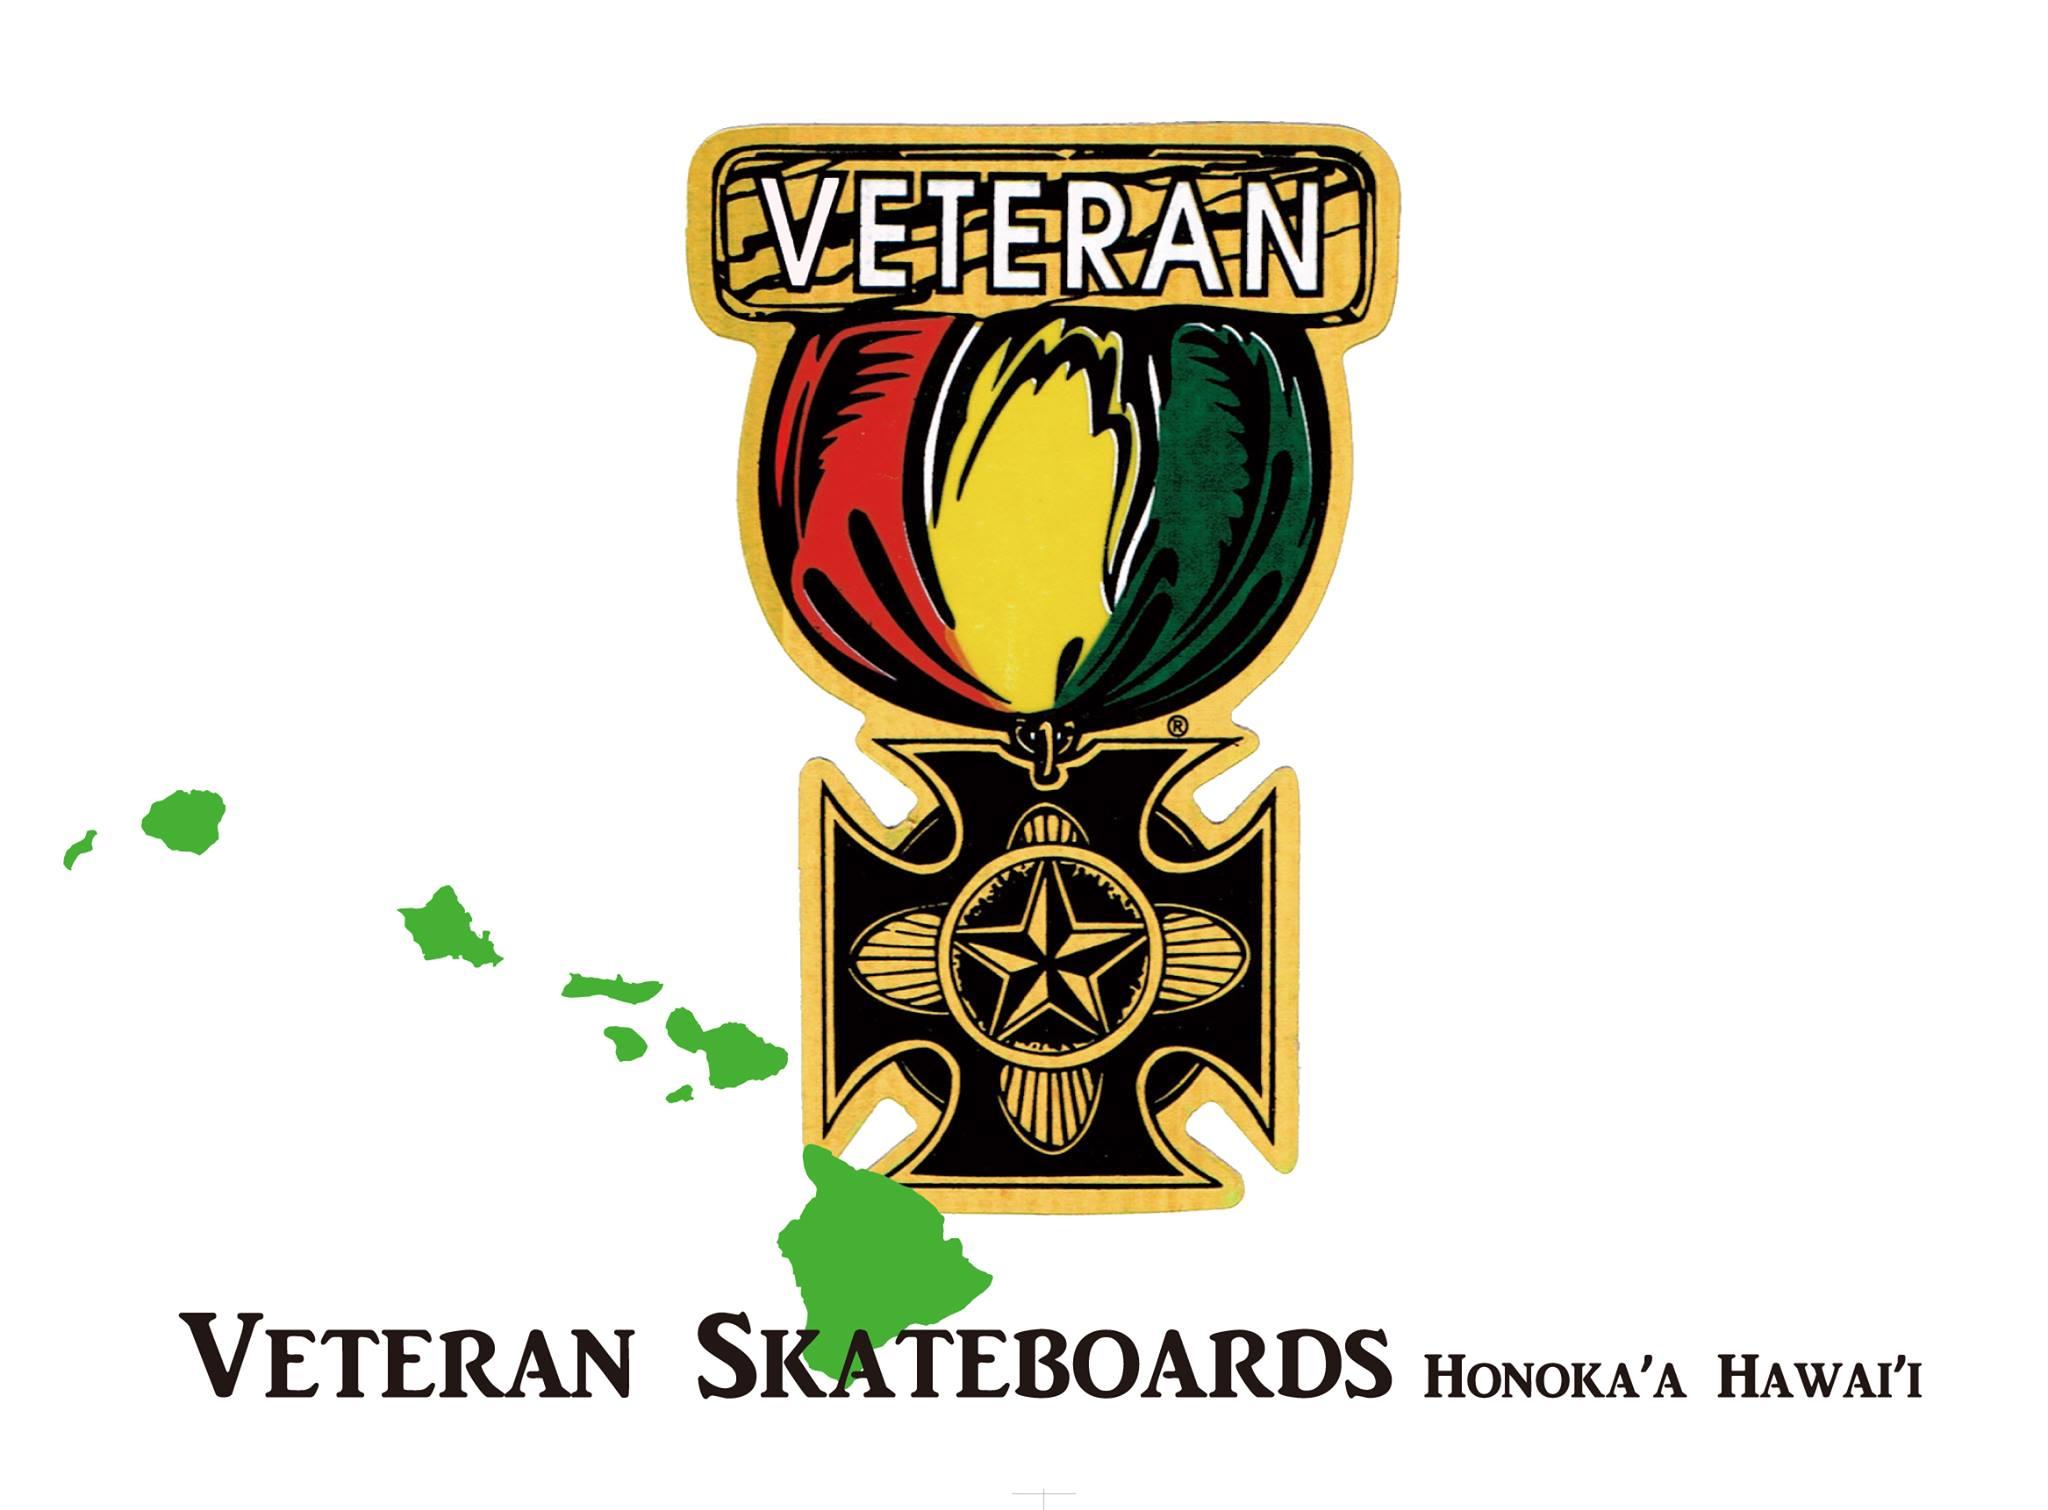 Veteran_SK8